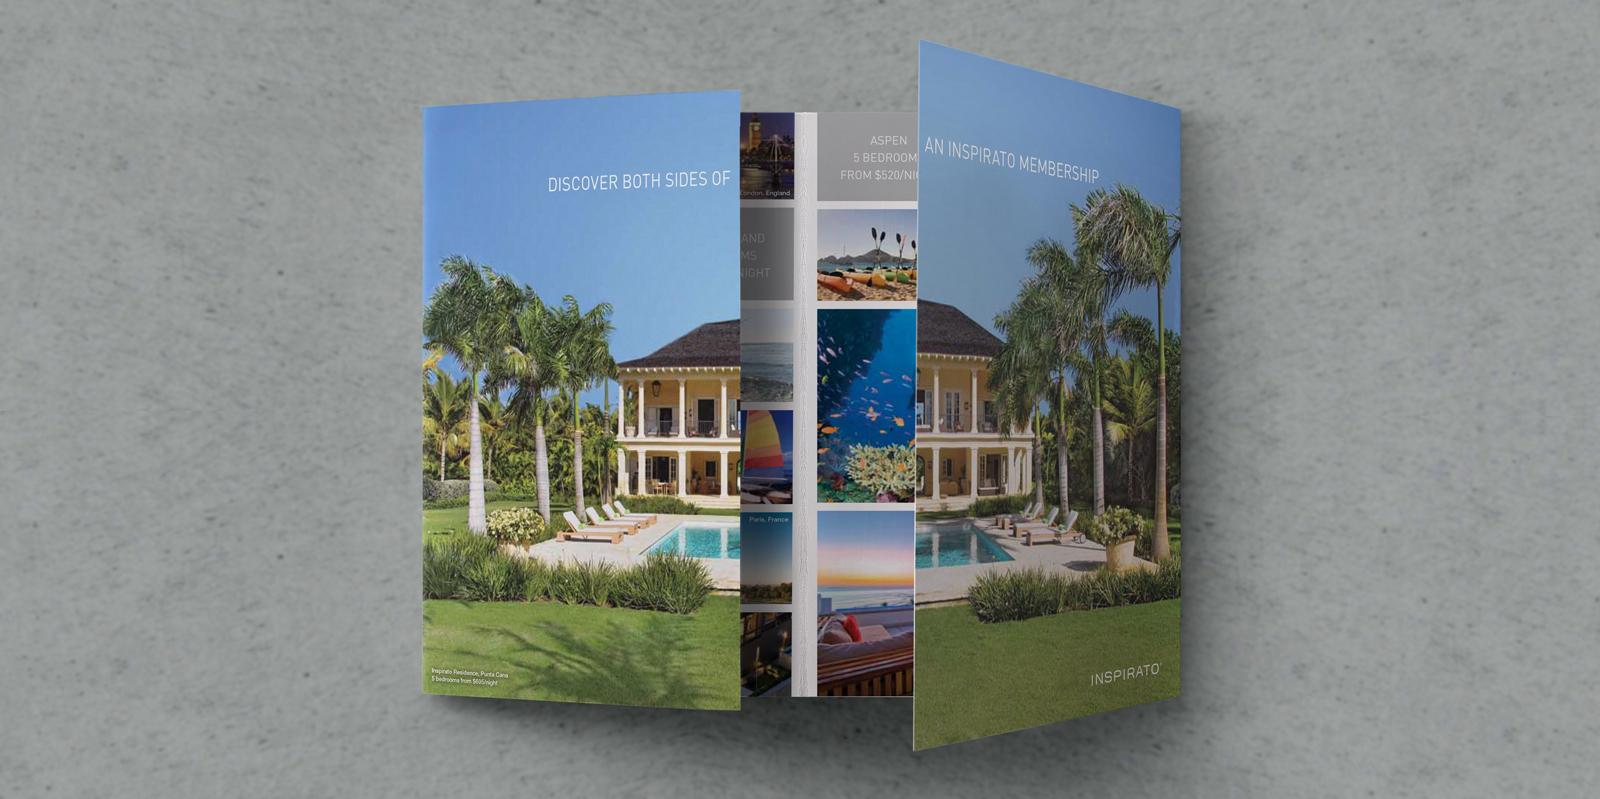 Lead-Gen-Inspirato-Double-Gate-Fold-Brochure-opening.jpg